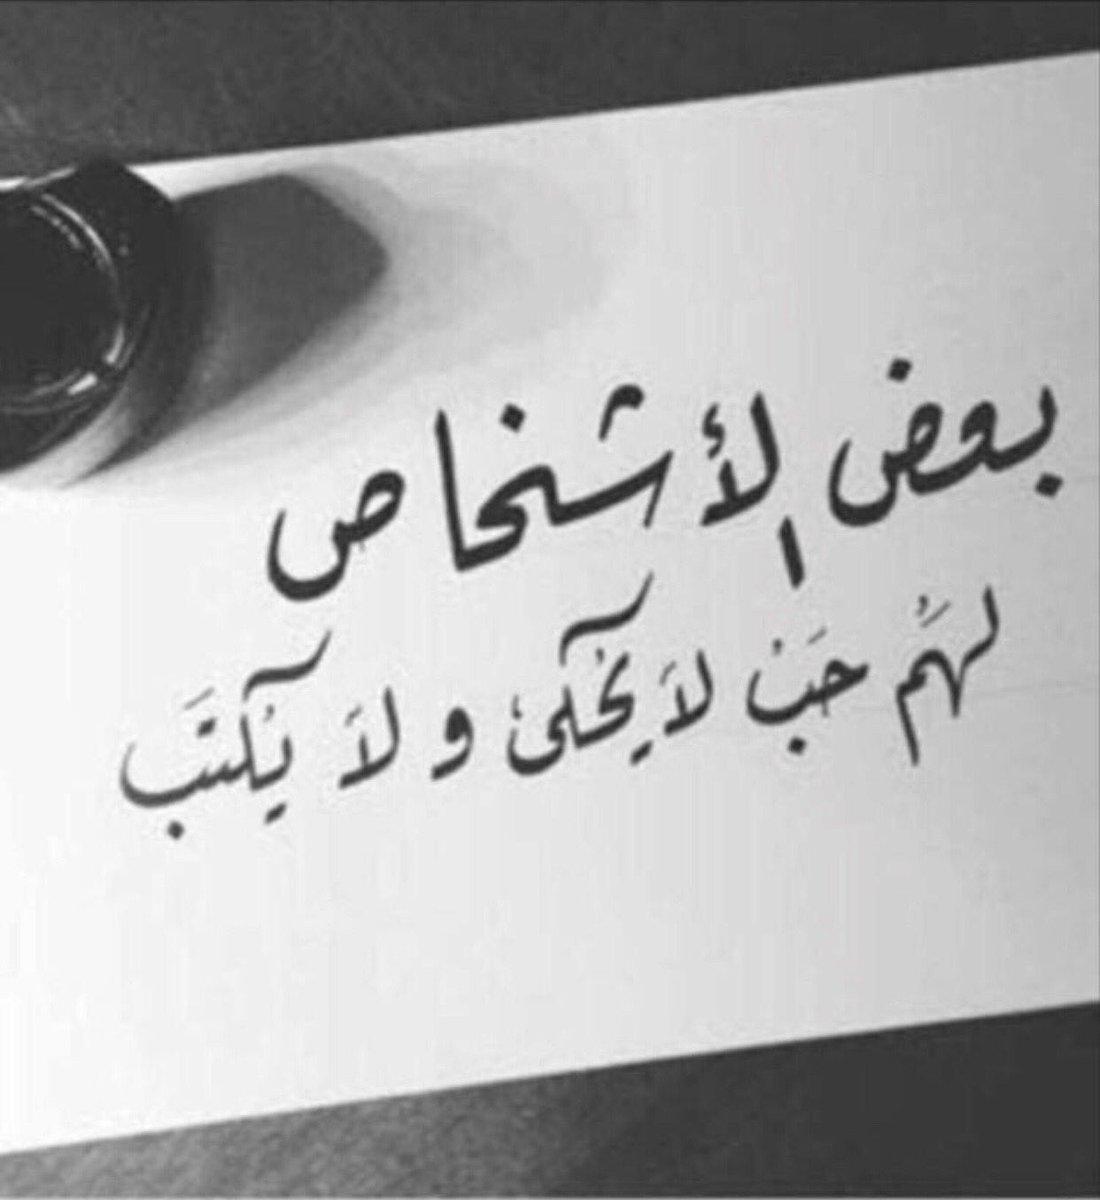 صورة كلمات زعل وعتاب , مقوله عن العتاب والزعل